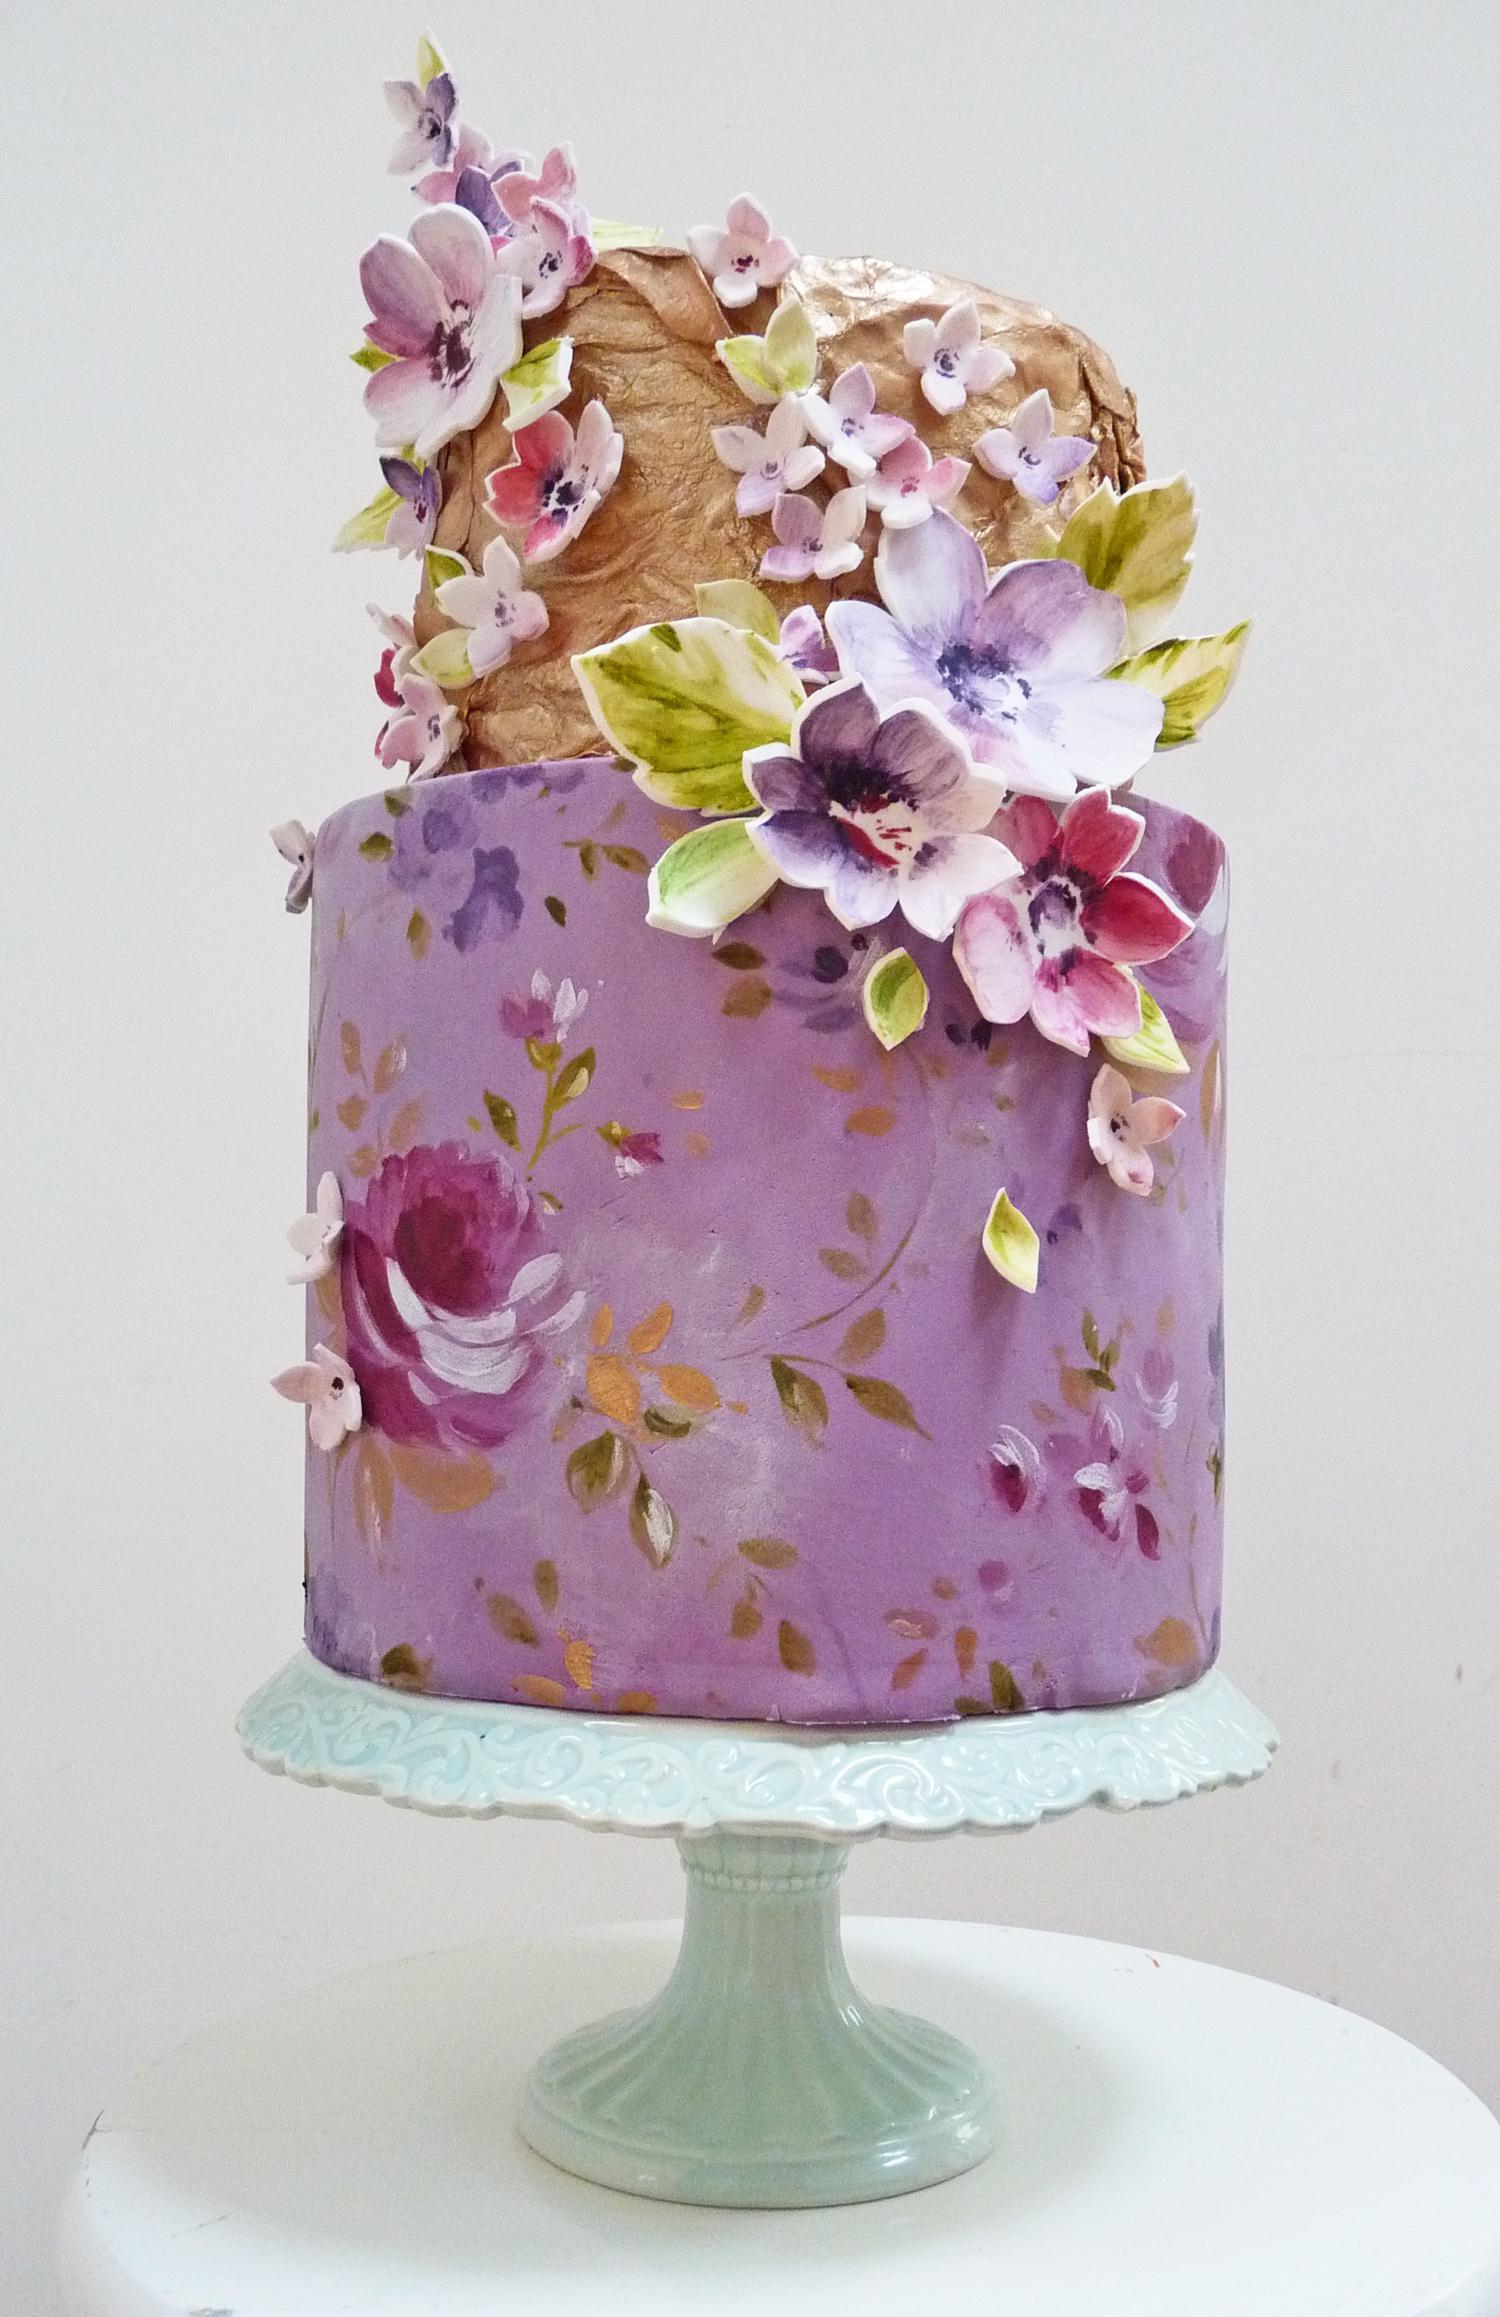 Watercolour Nevie-Pie Cakes plush gold